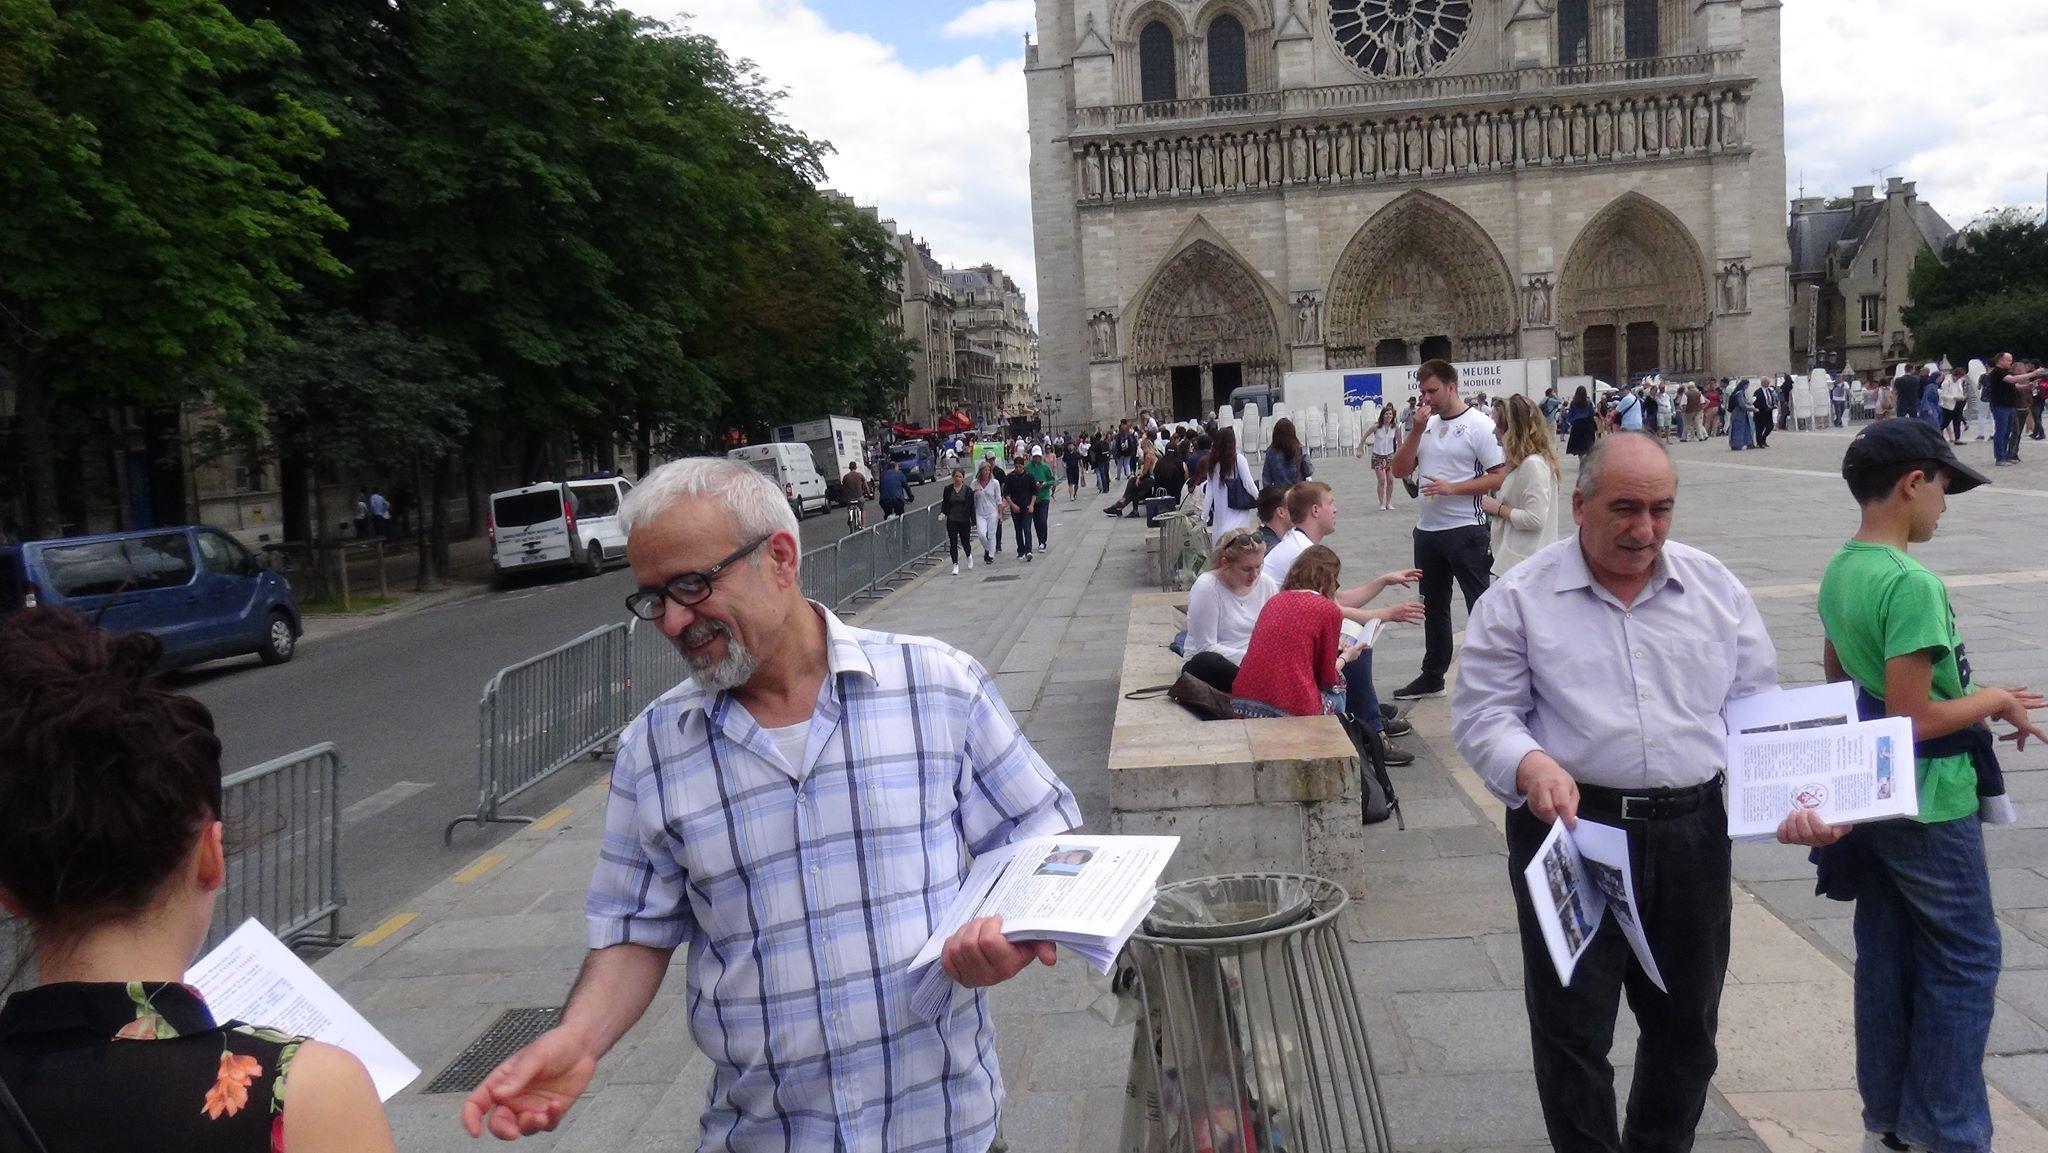 اطلاعیۀ شماره 1 فعالیتهای افشاگرانۀ گسترده توسط جداشدگان فرقۀ رجوی در فرانسه